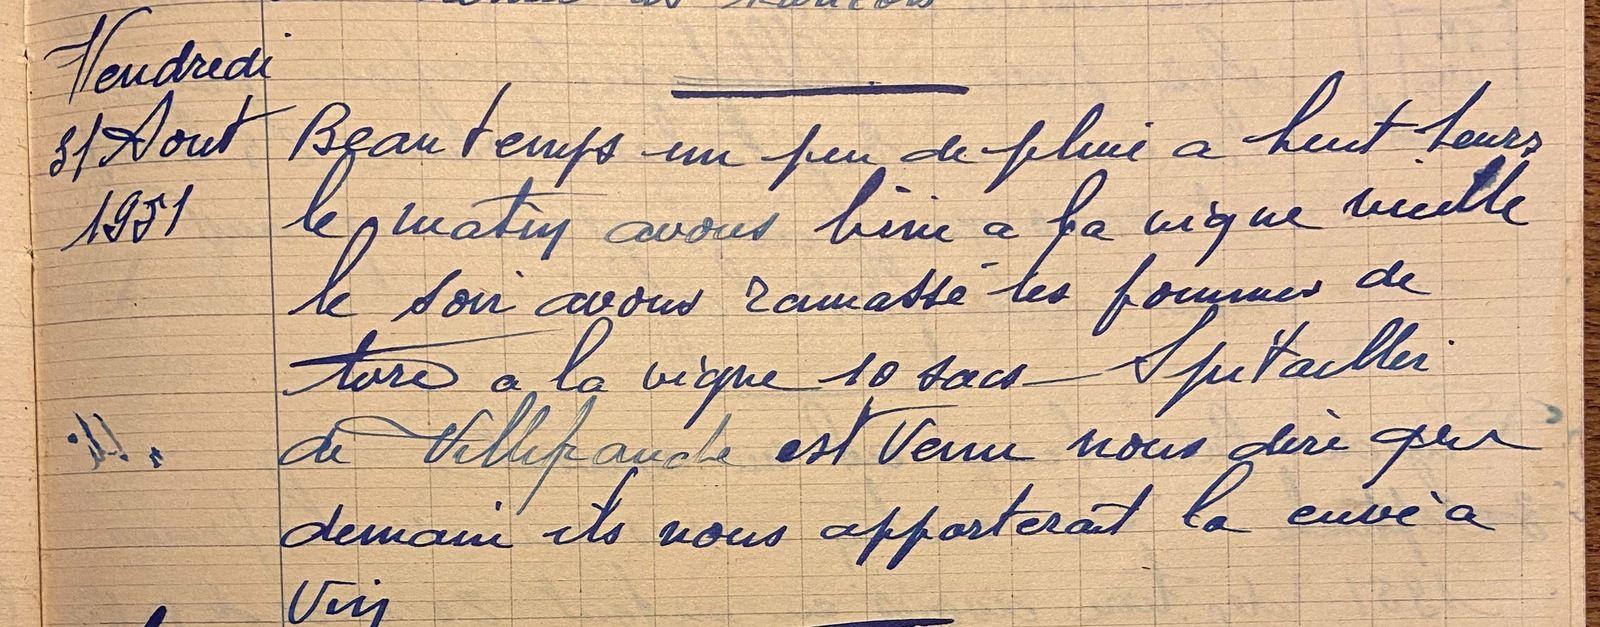 Vendredi 31 août 1951 - ramasser les pommes de terre